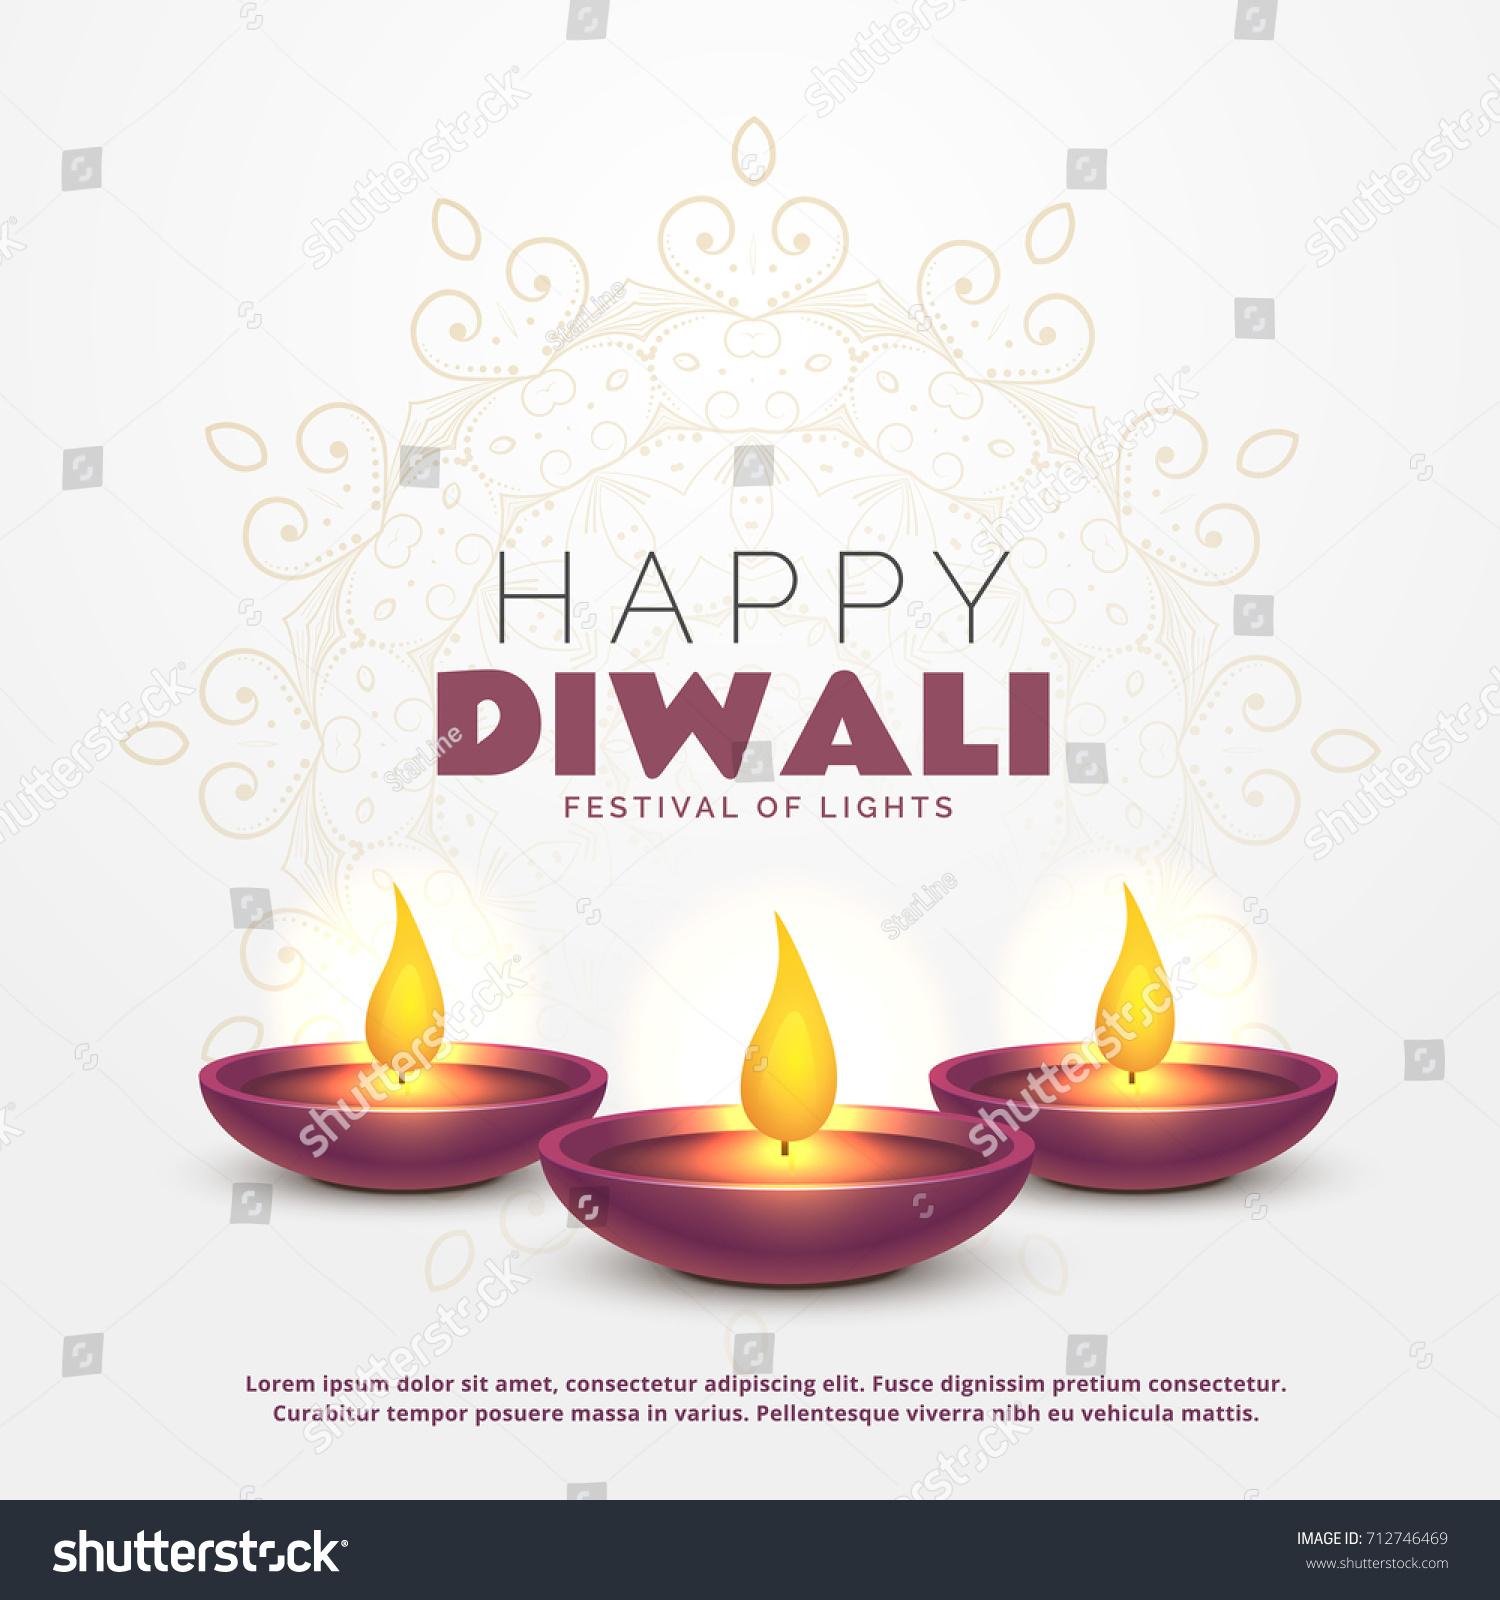 Beautiful Happy Diwali Greeting Burning Diya Stock Vector 712746469